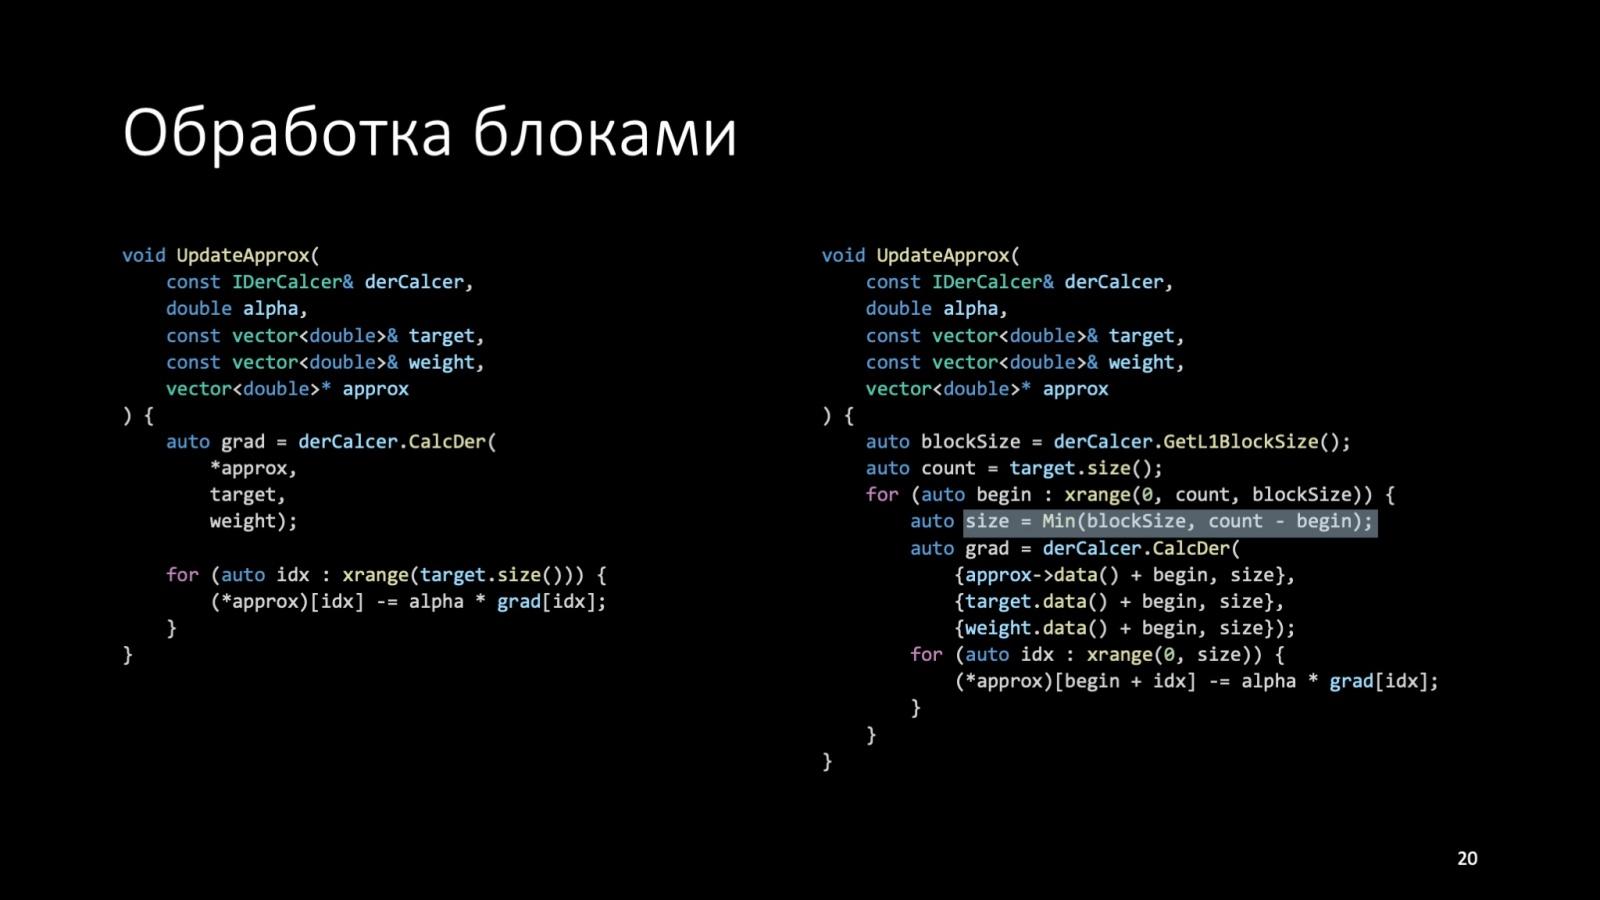 Оптимизация C++: совмещаем скорость и высокий уровень. Доклад Яндекса - 20